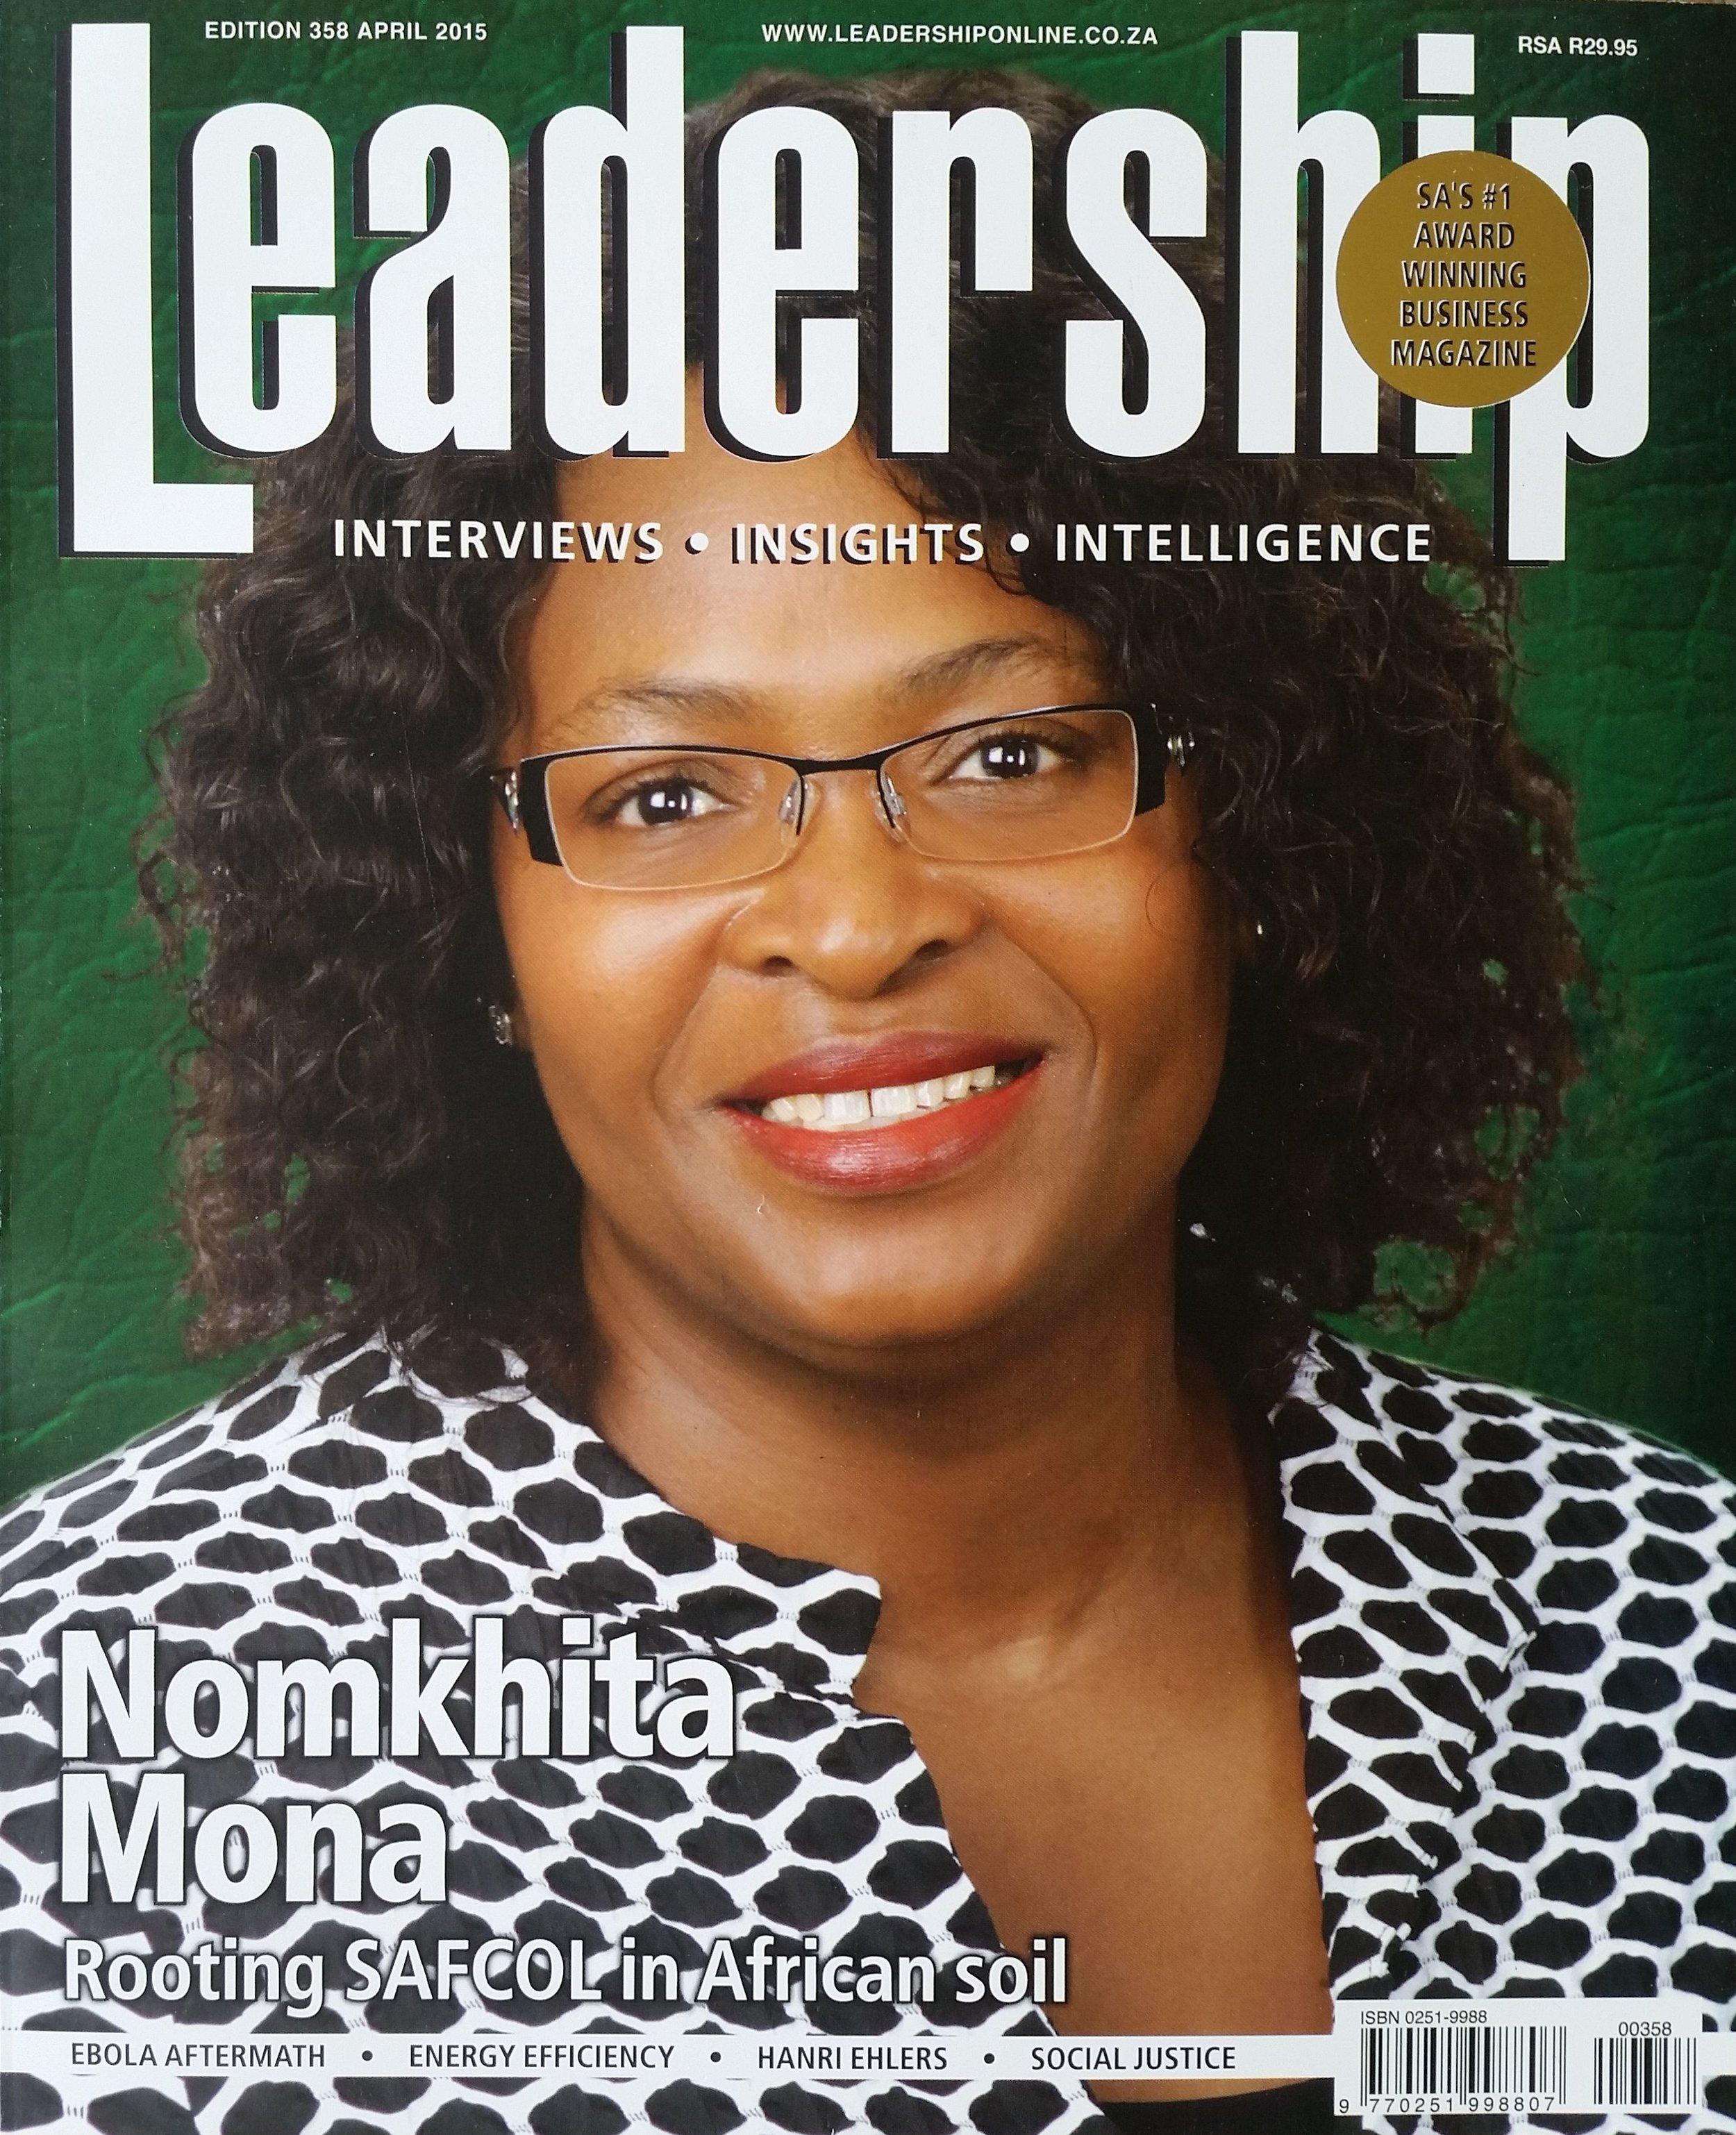 Leadership magazine LIO global nadia read thaele